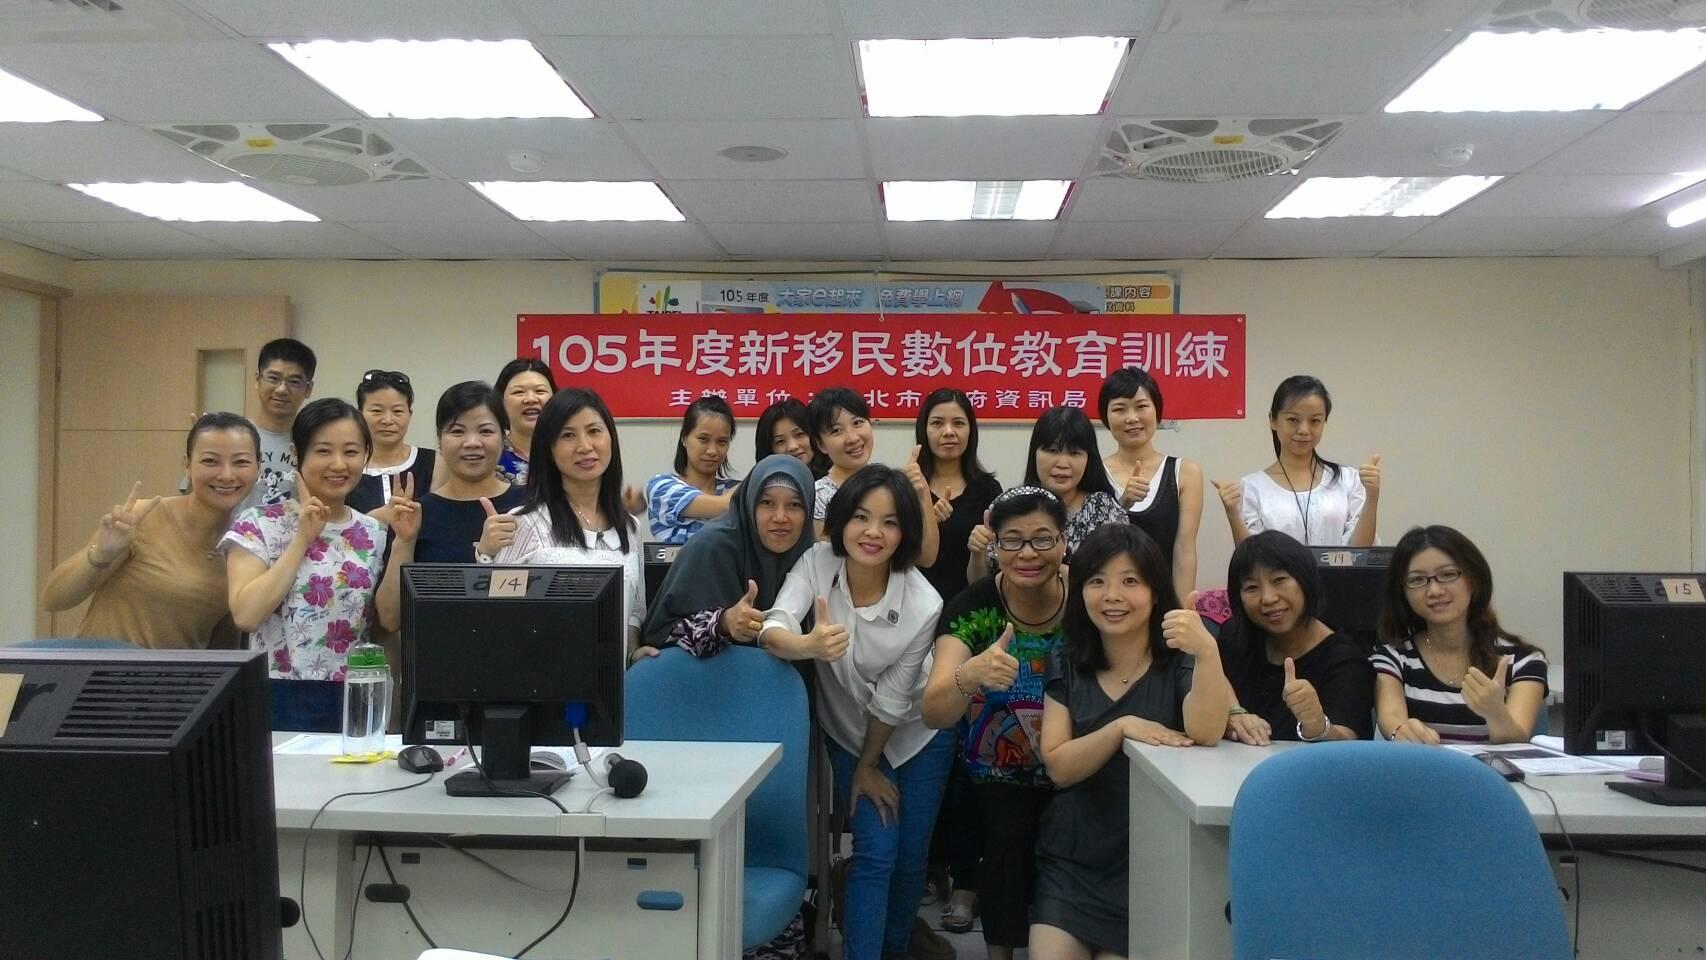 照片3- 105年新移民數位教育訓練「網路開店」實用班老師學員合影